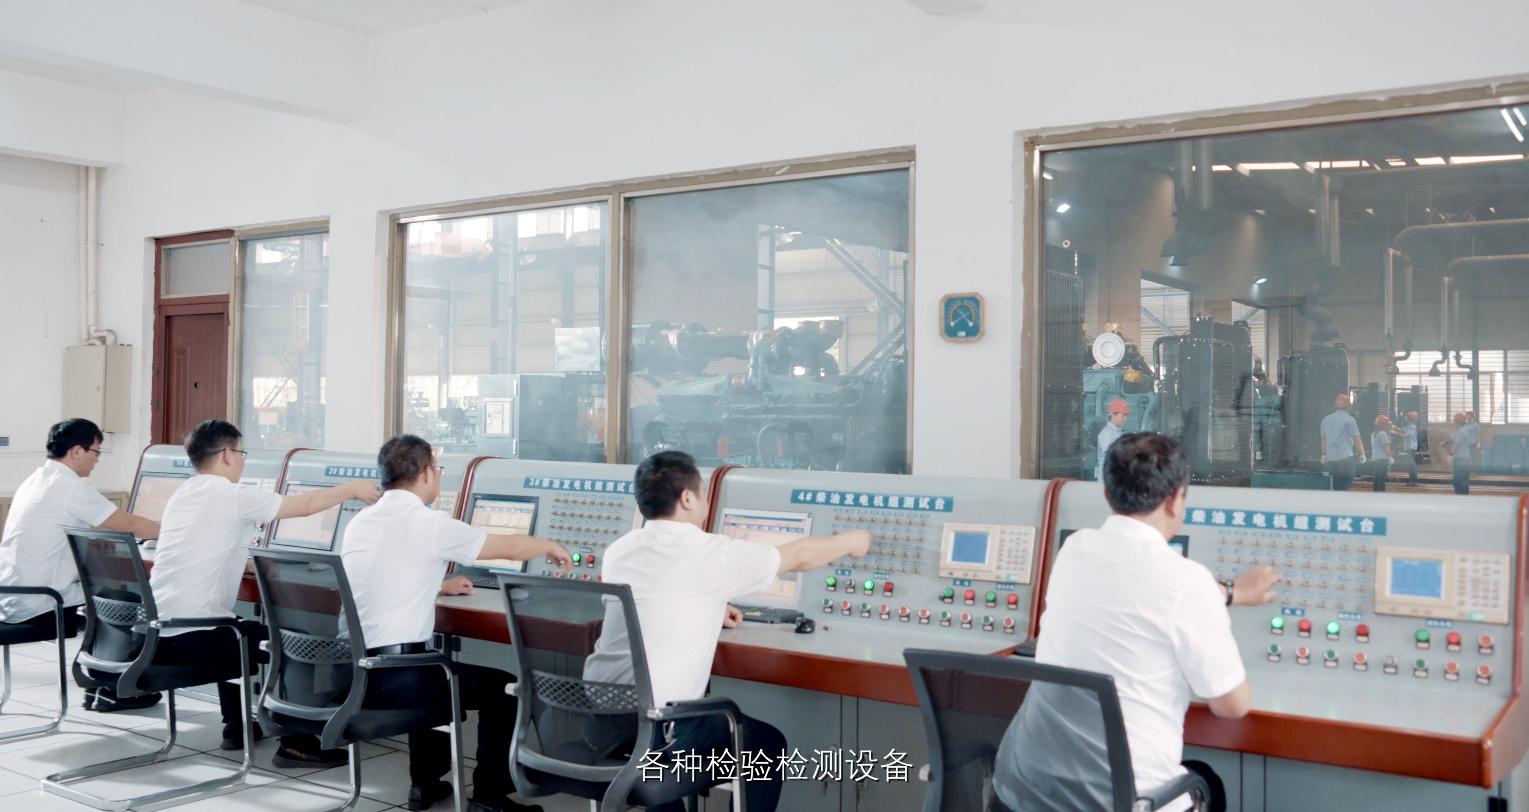 jiancezhongxin